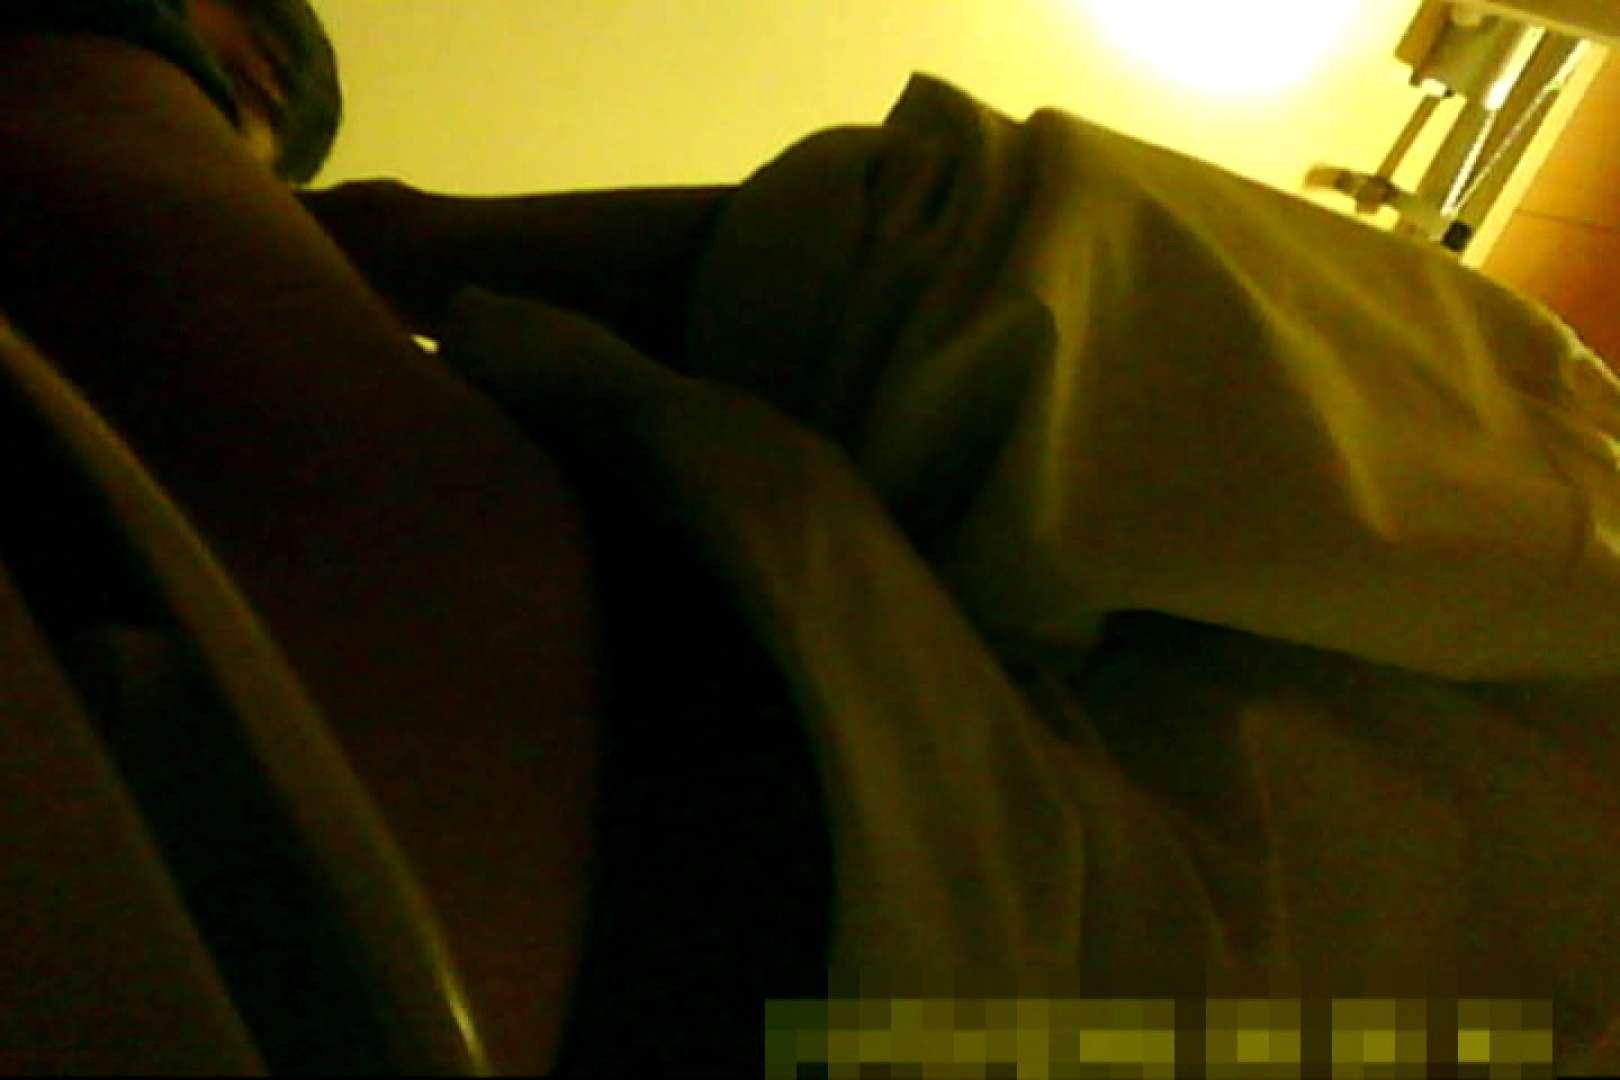 魅惑の化粧室~禁断のプライベート空間~20 ナプキン ワレメ動画紹介 96連発 15